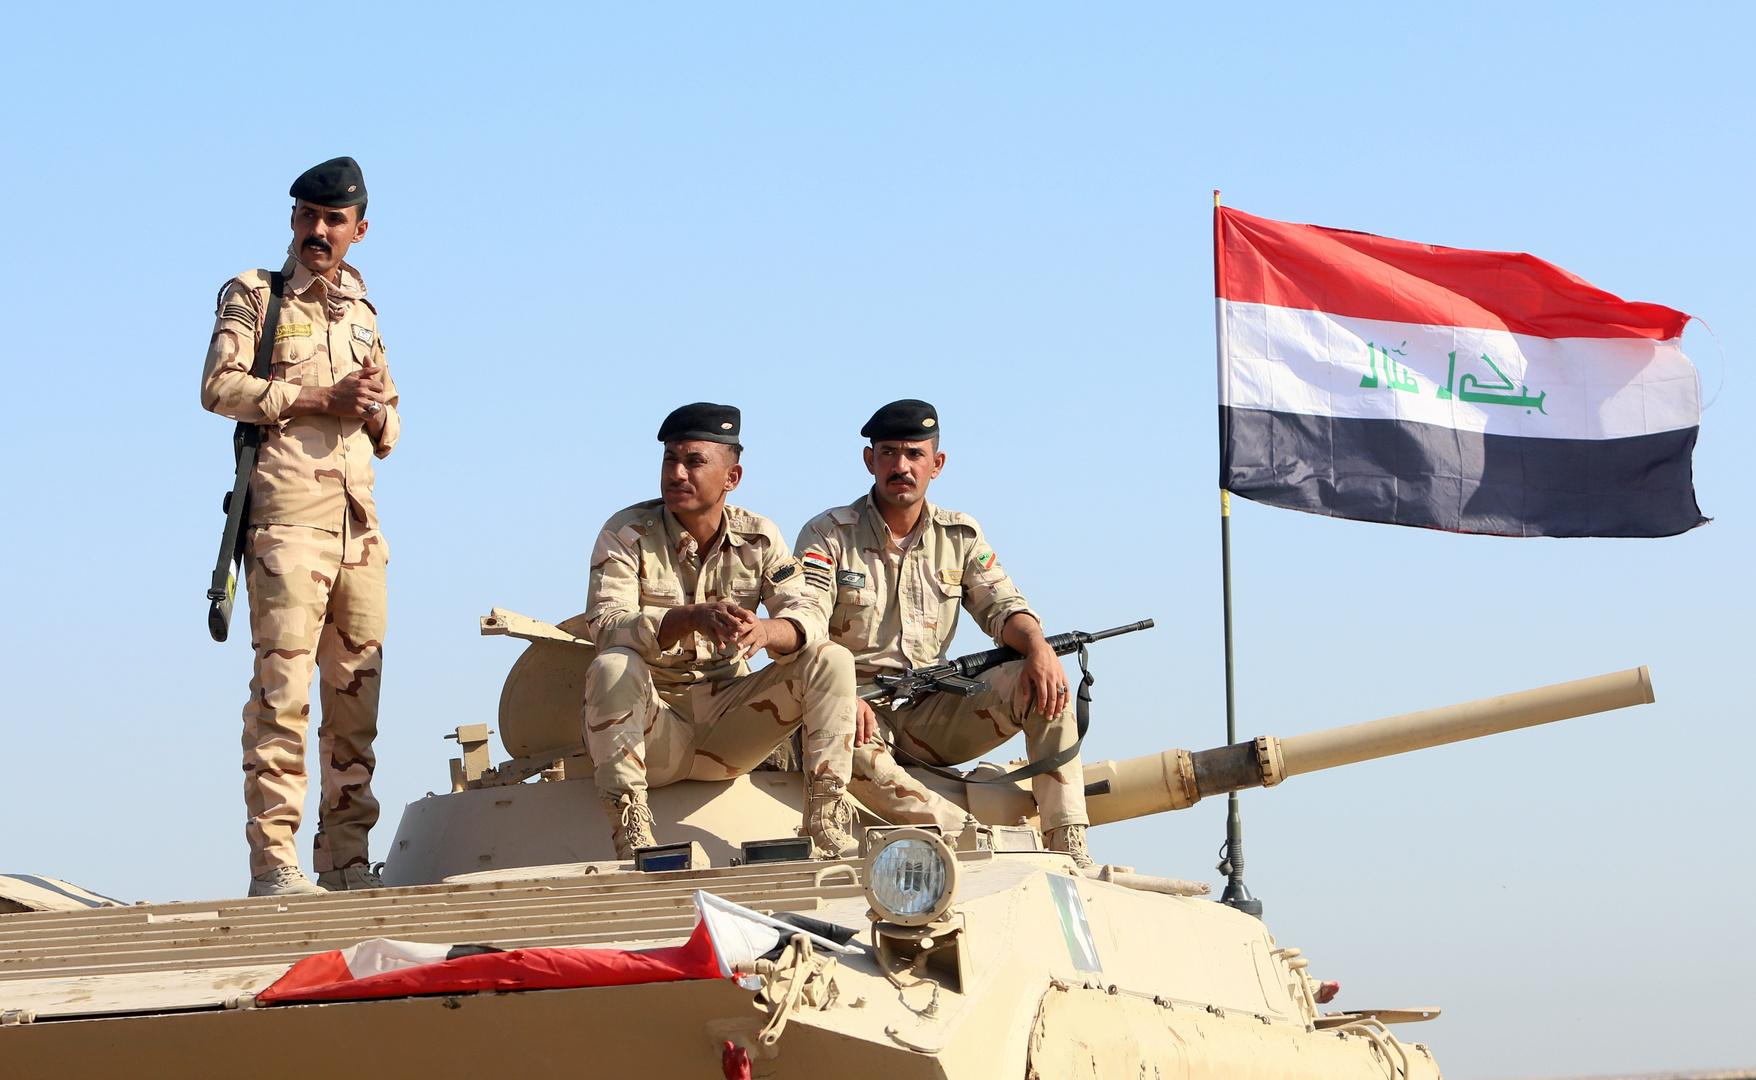 القوات العراقية تقبض على مسؤولي التفخيخ وسبي الإيزيديات في